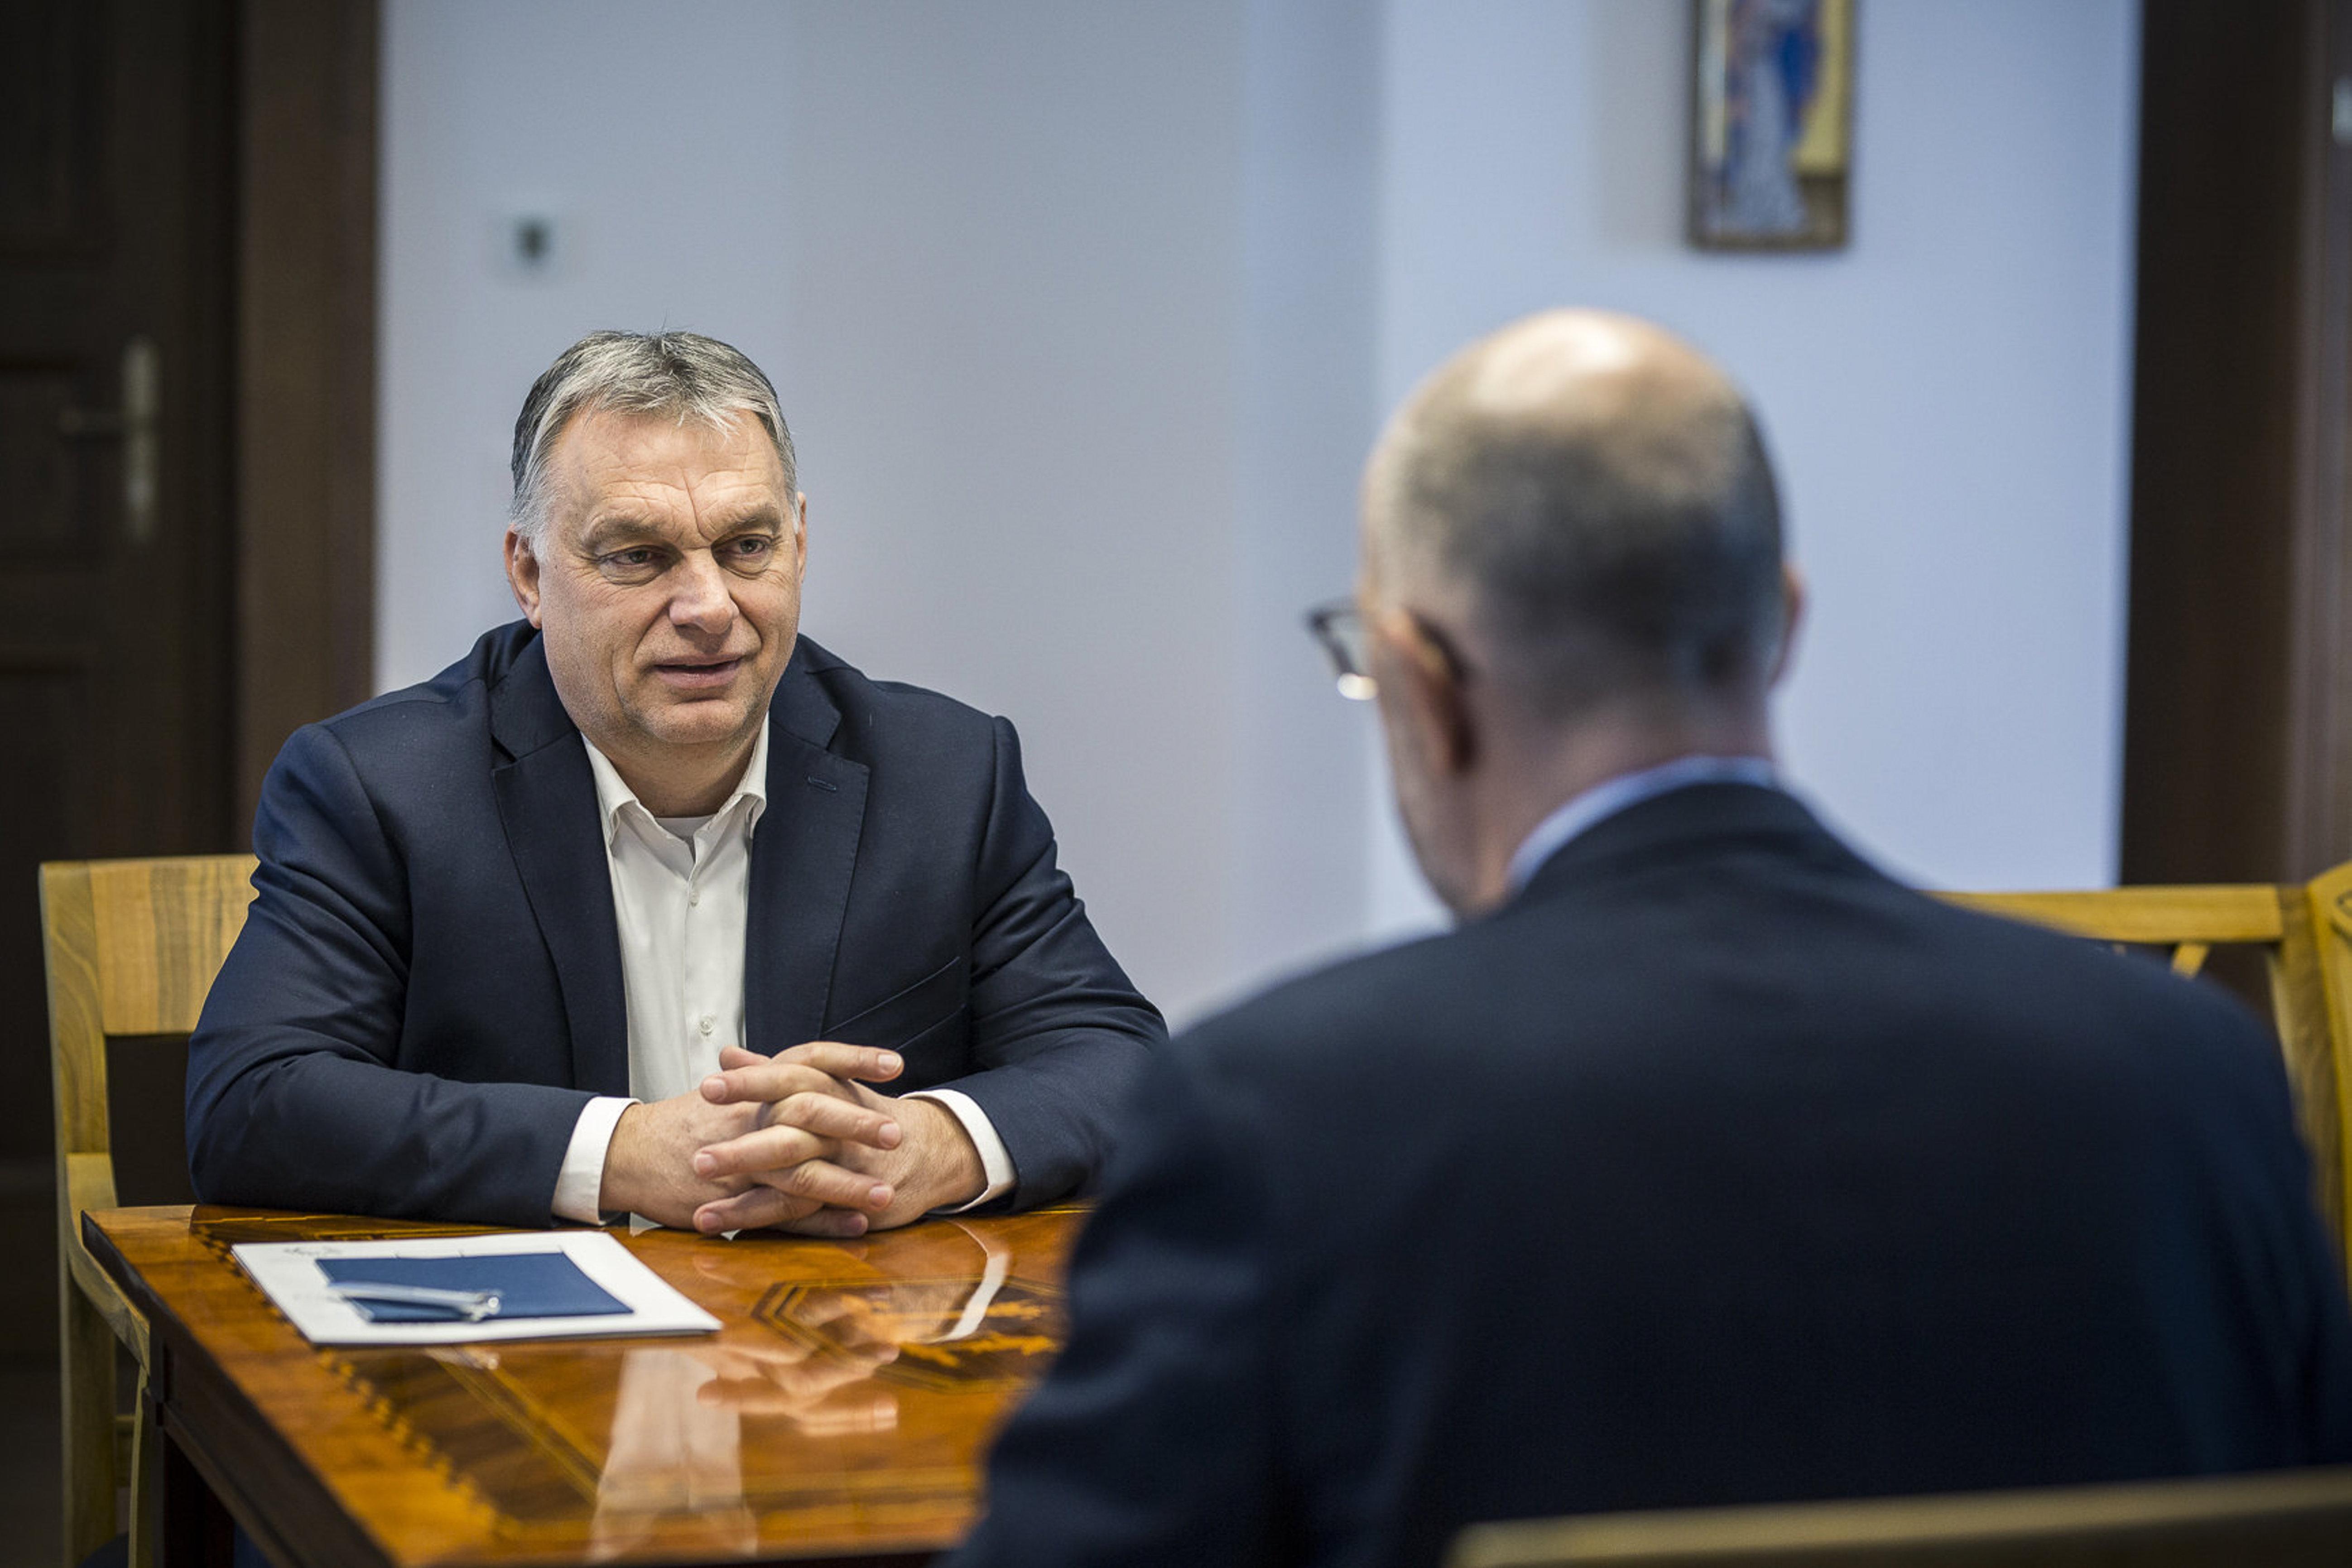 Orbán RMDSZ leader